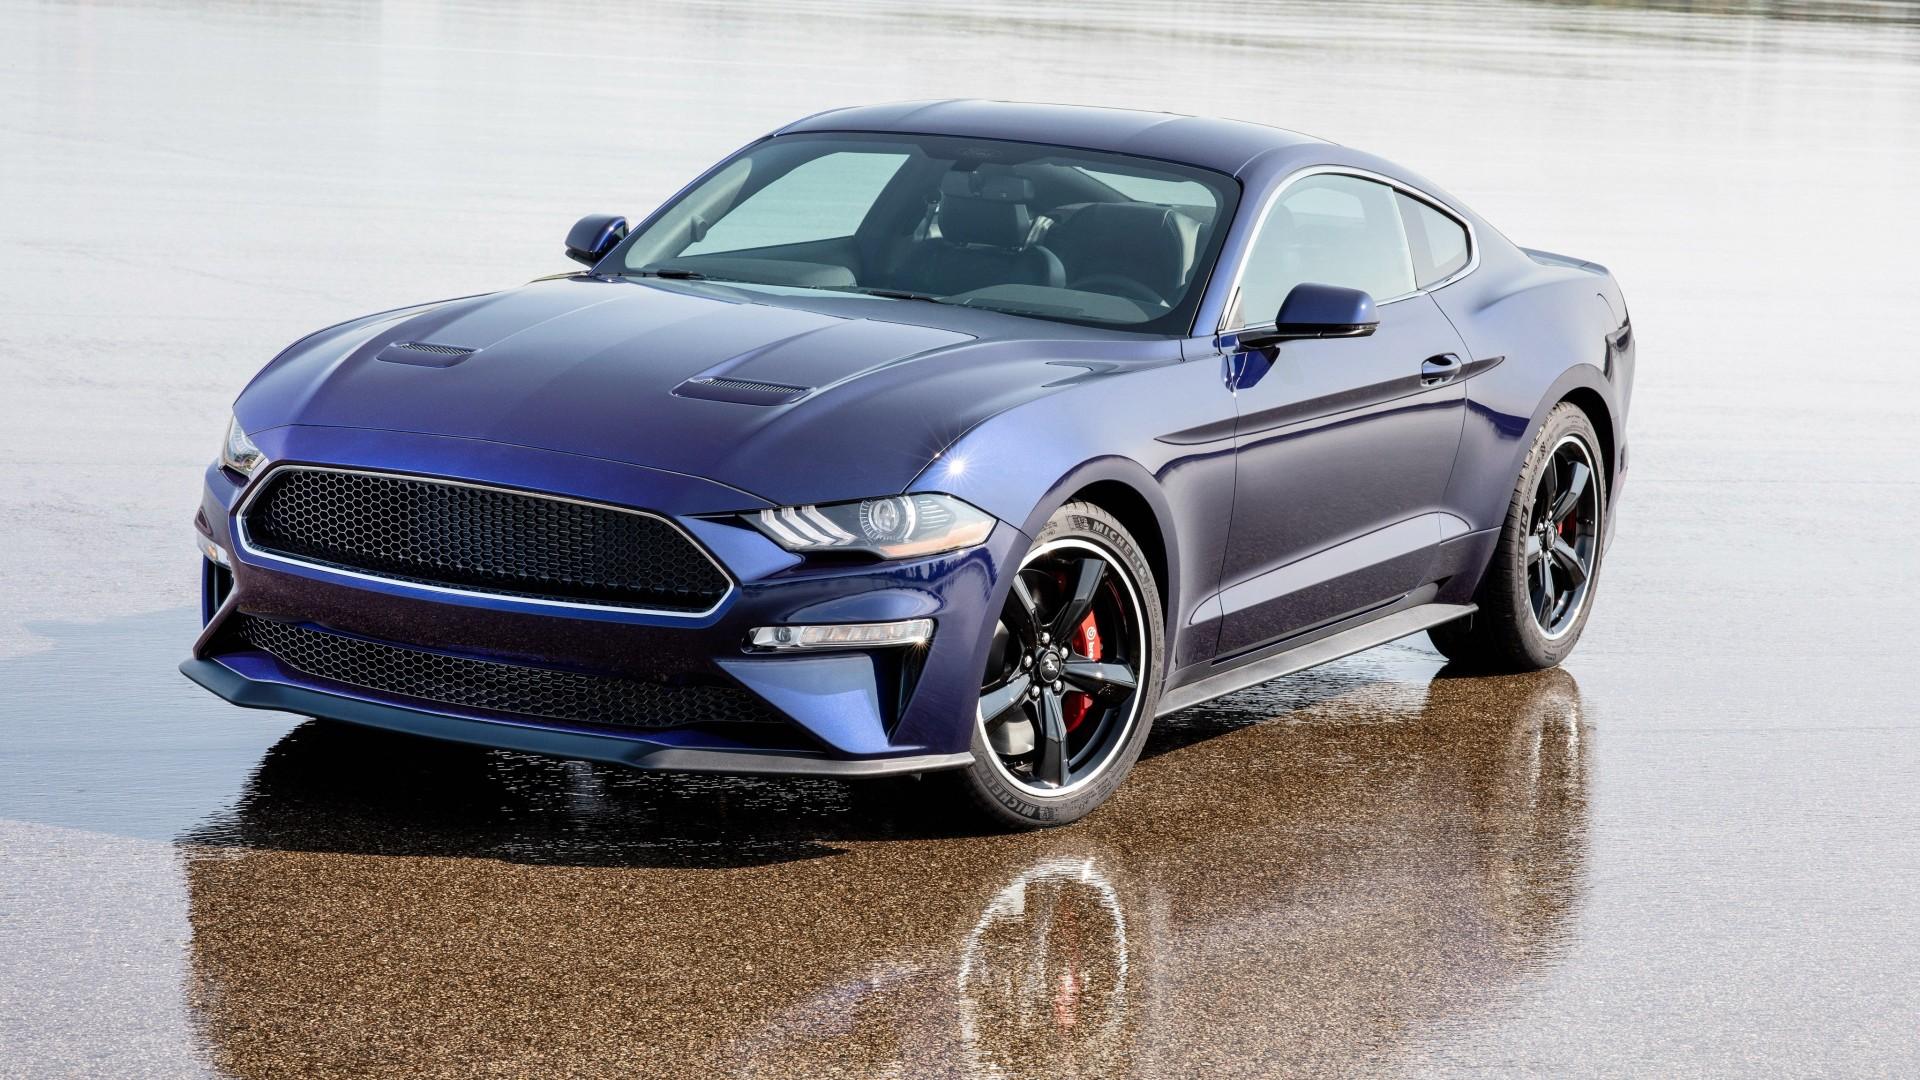 Blue Ford F150 >> 2019 Ford Mustang Bullitt Kona Blue 4K Wallpaper | HD Car Wallpapers | ID #11032